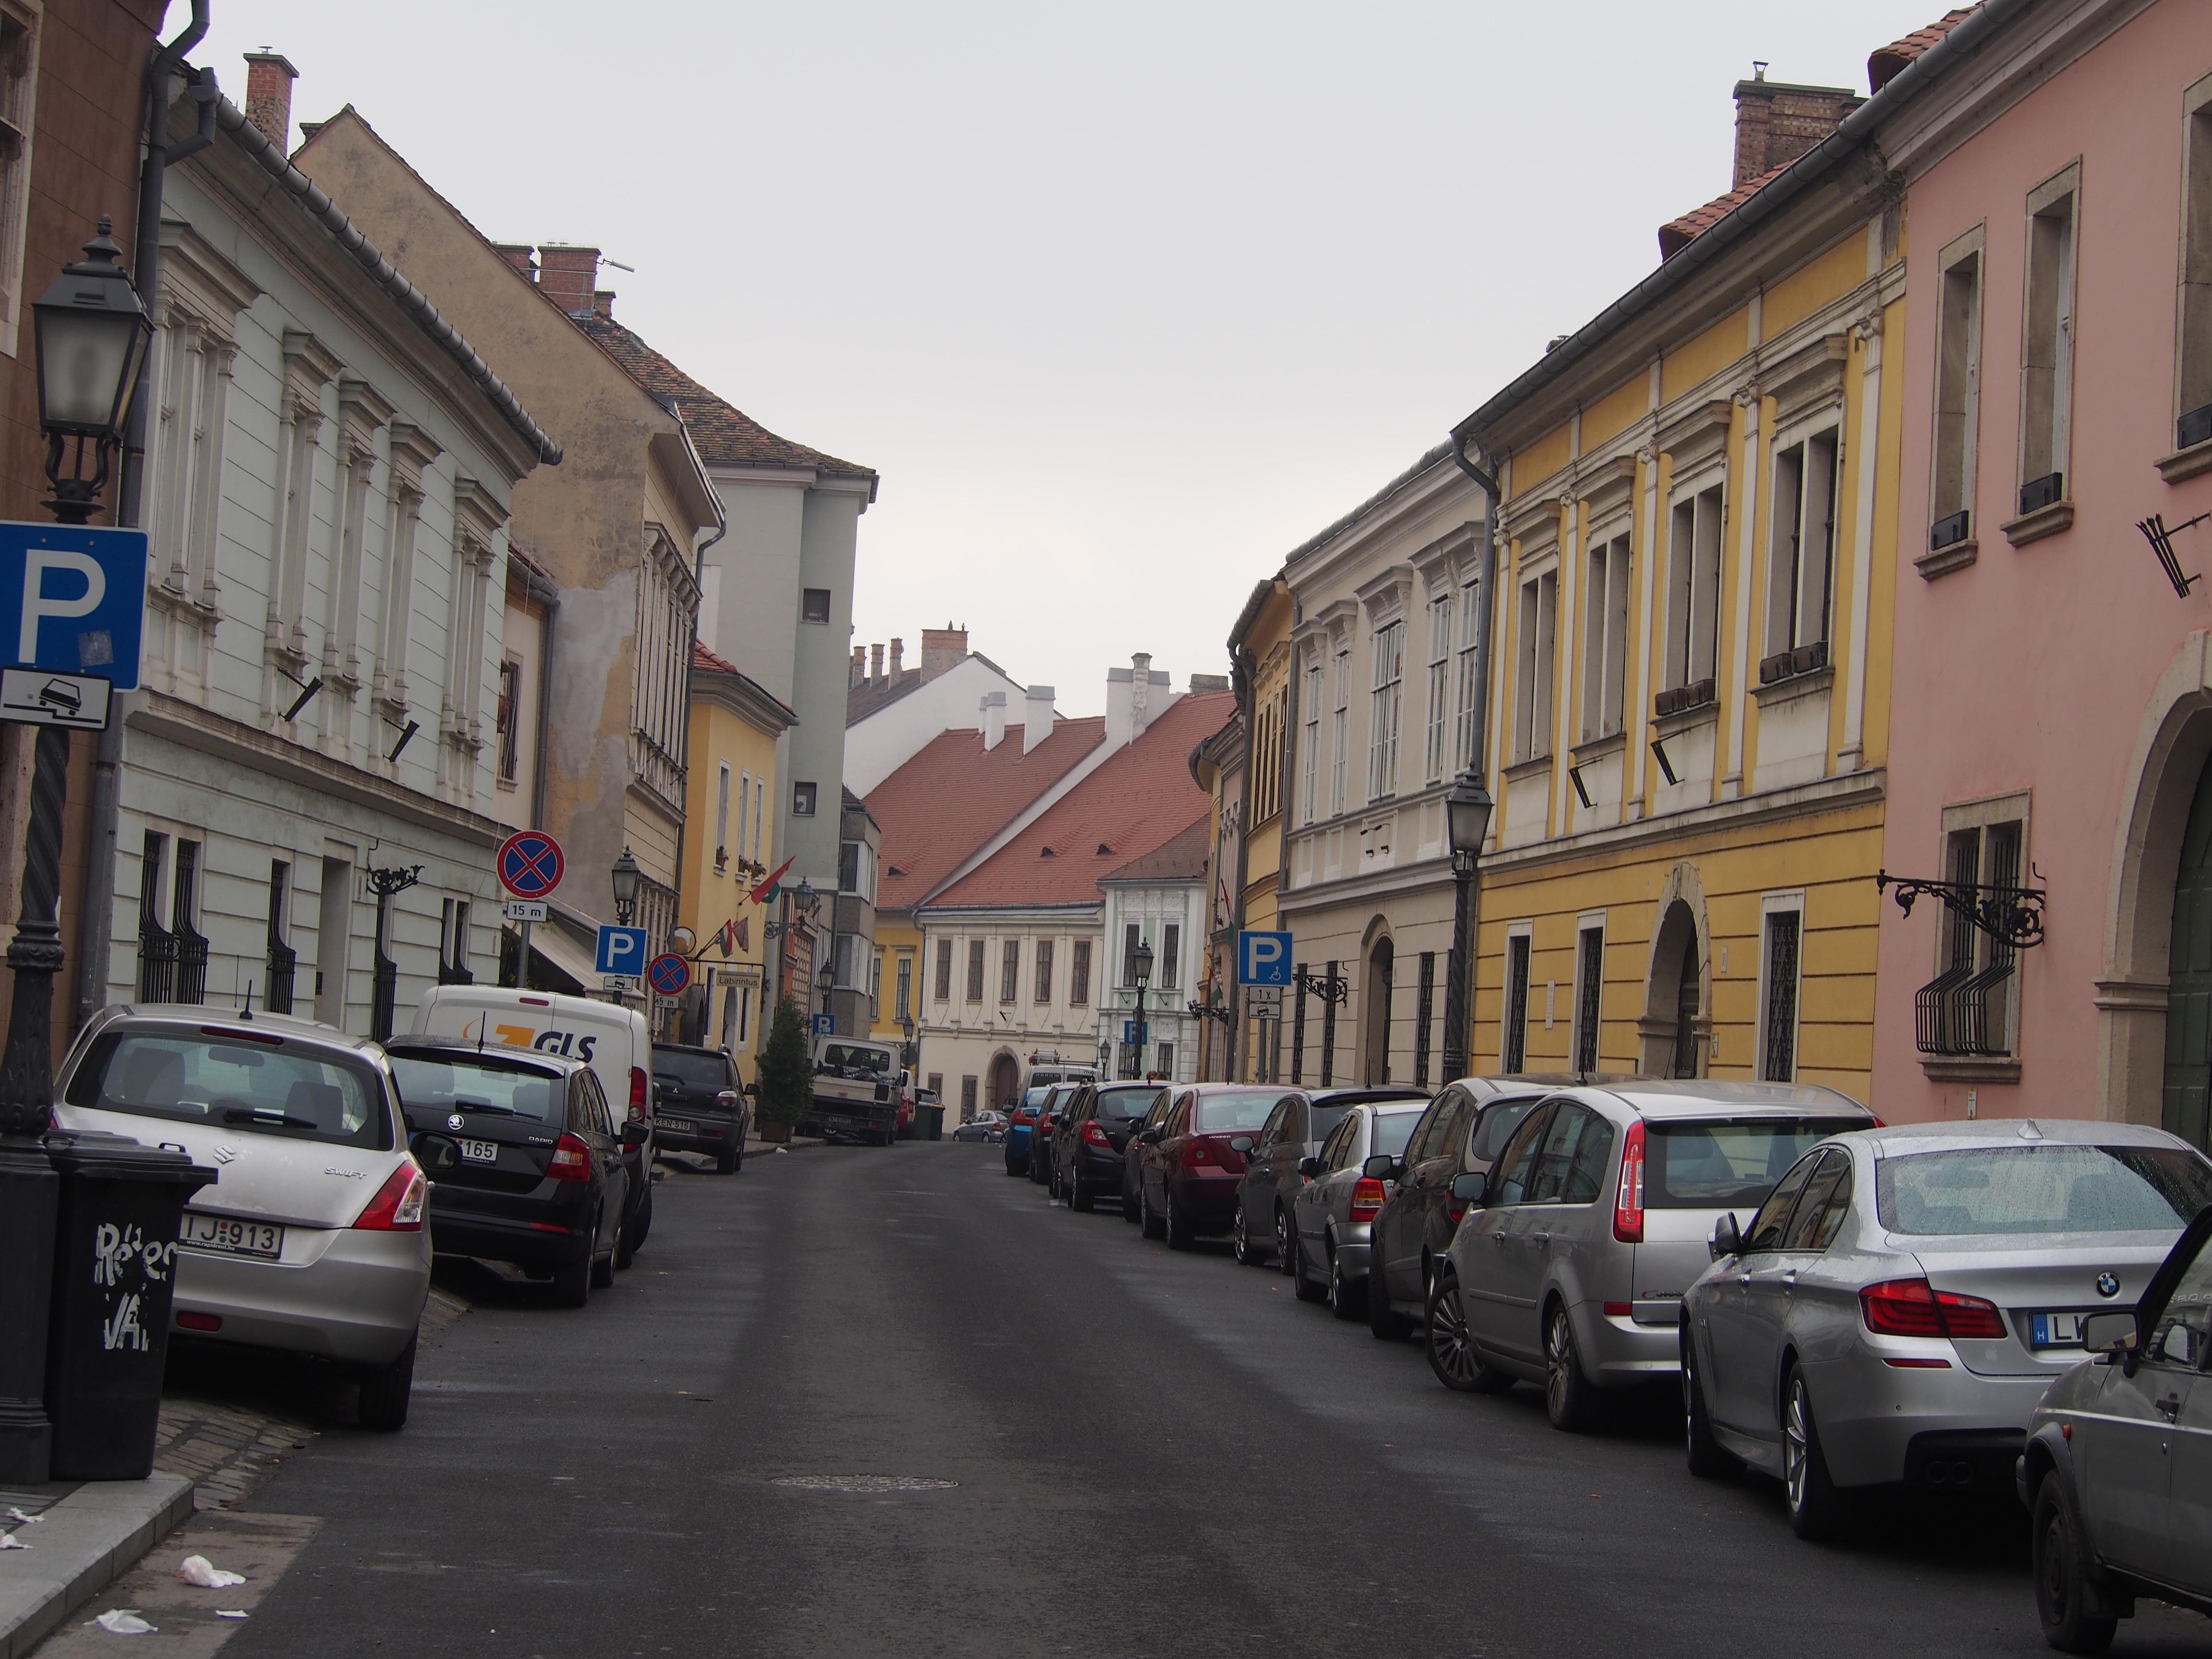 Úri Utca - vejen vi bor på i Buda